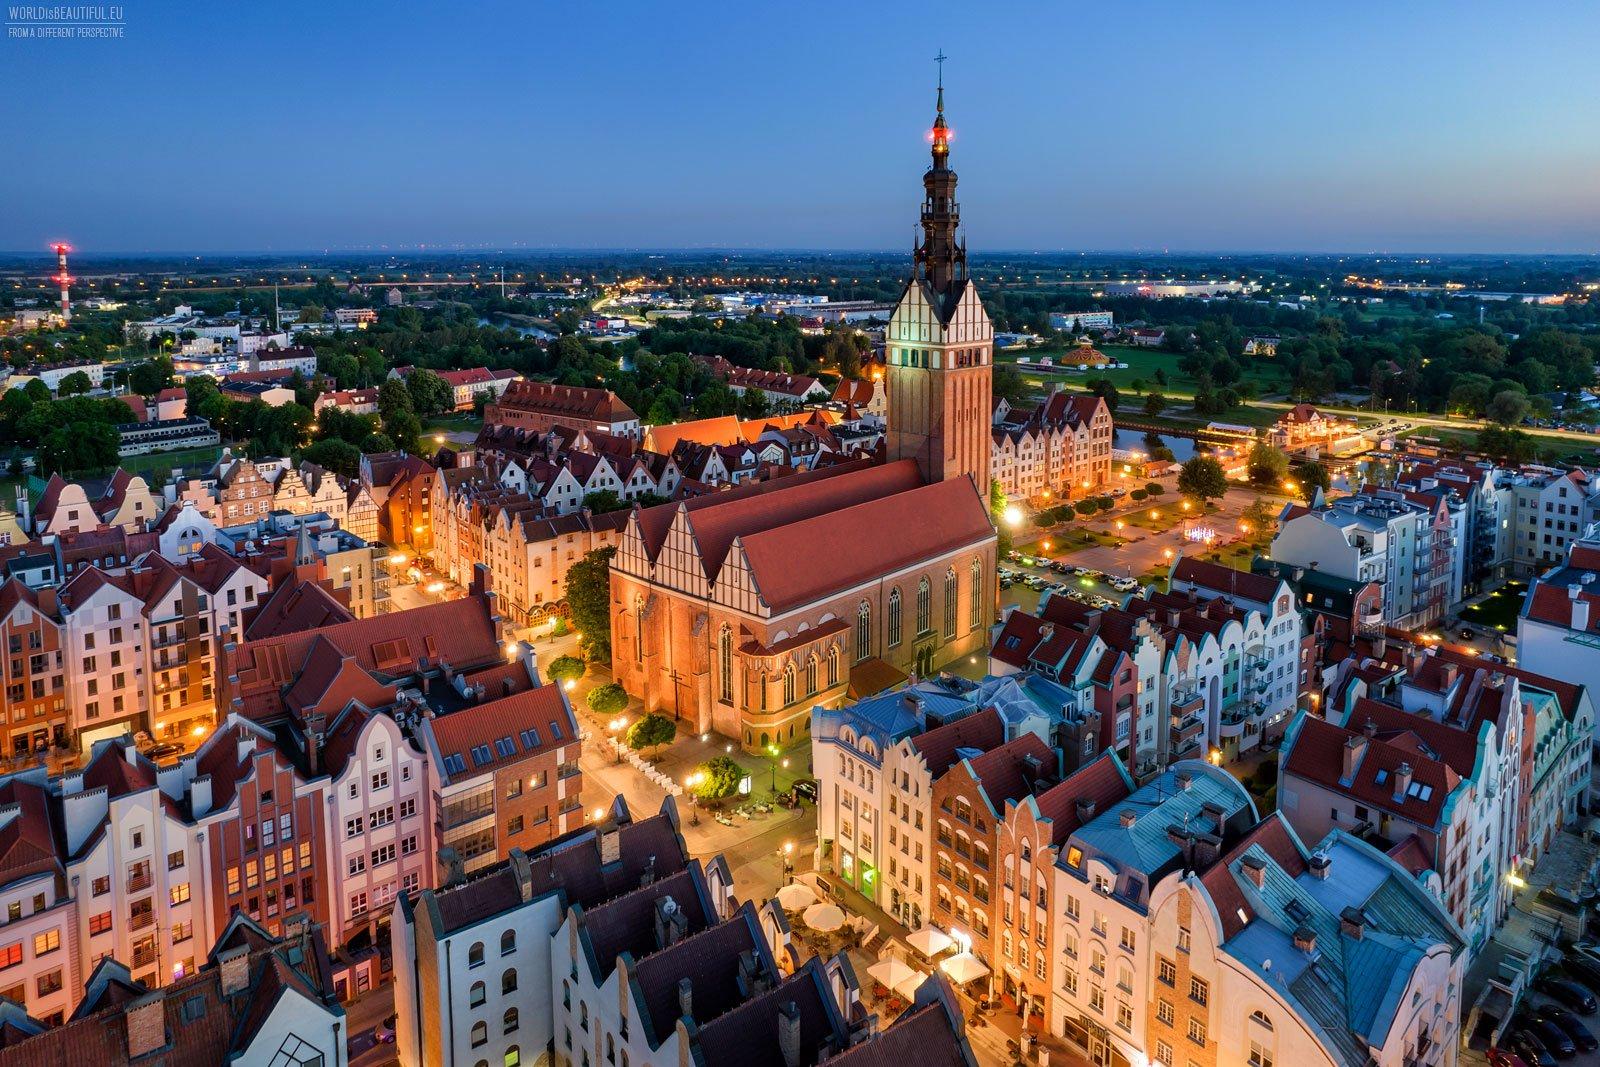 Elbląg - photos for sale